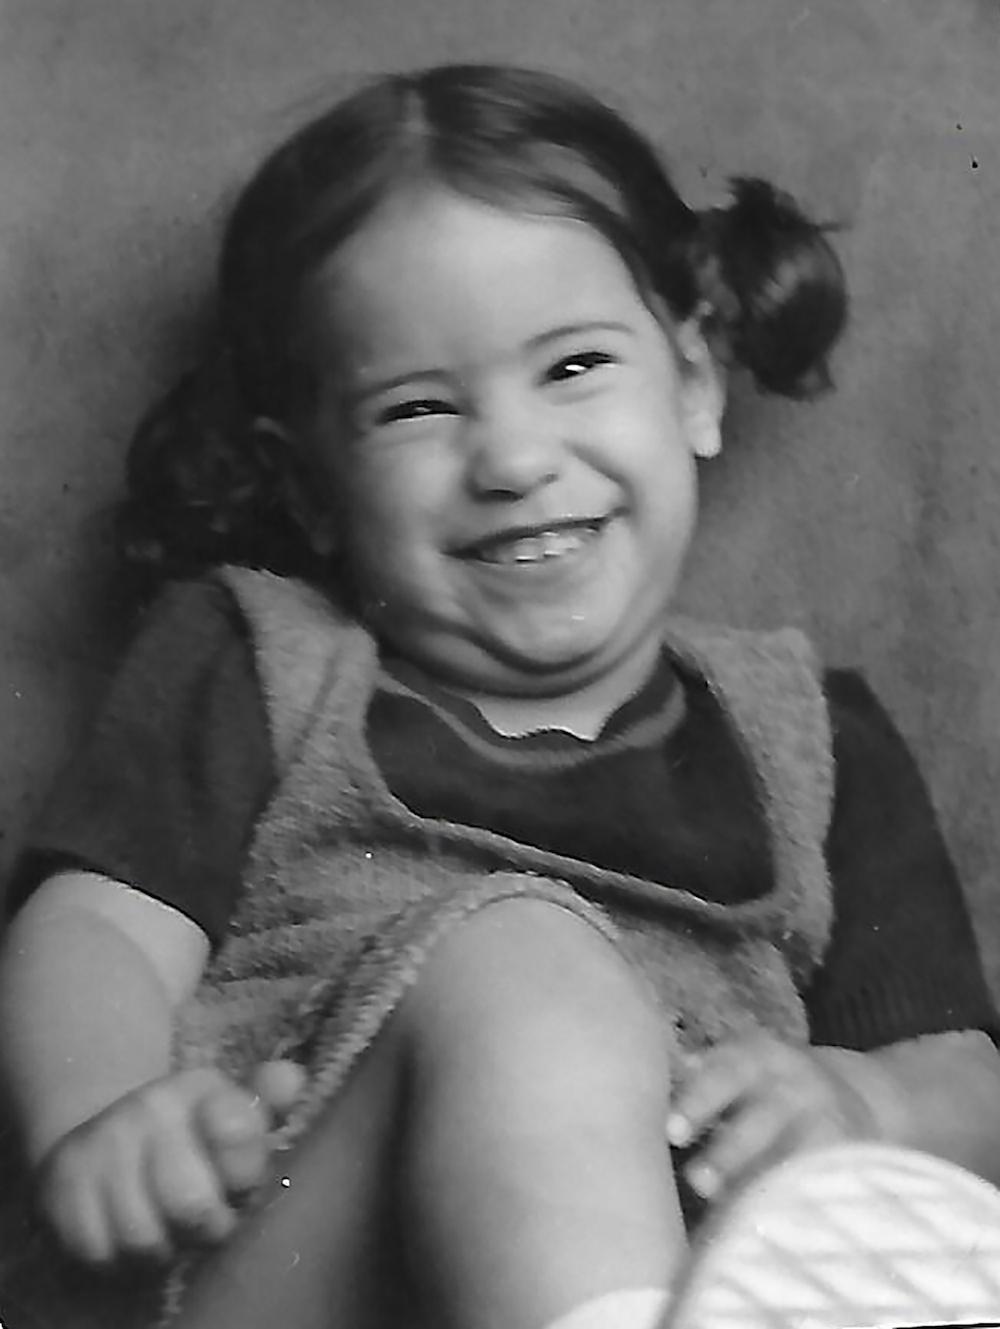 Mariana, age 3